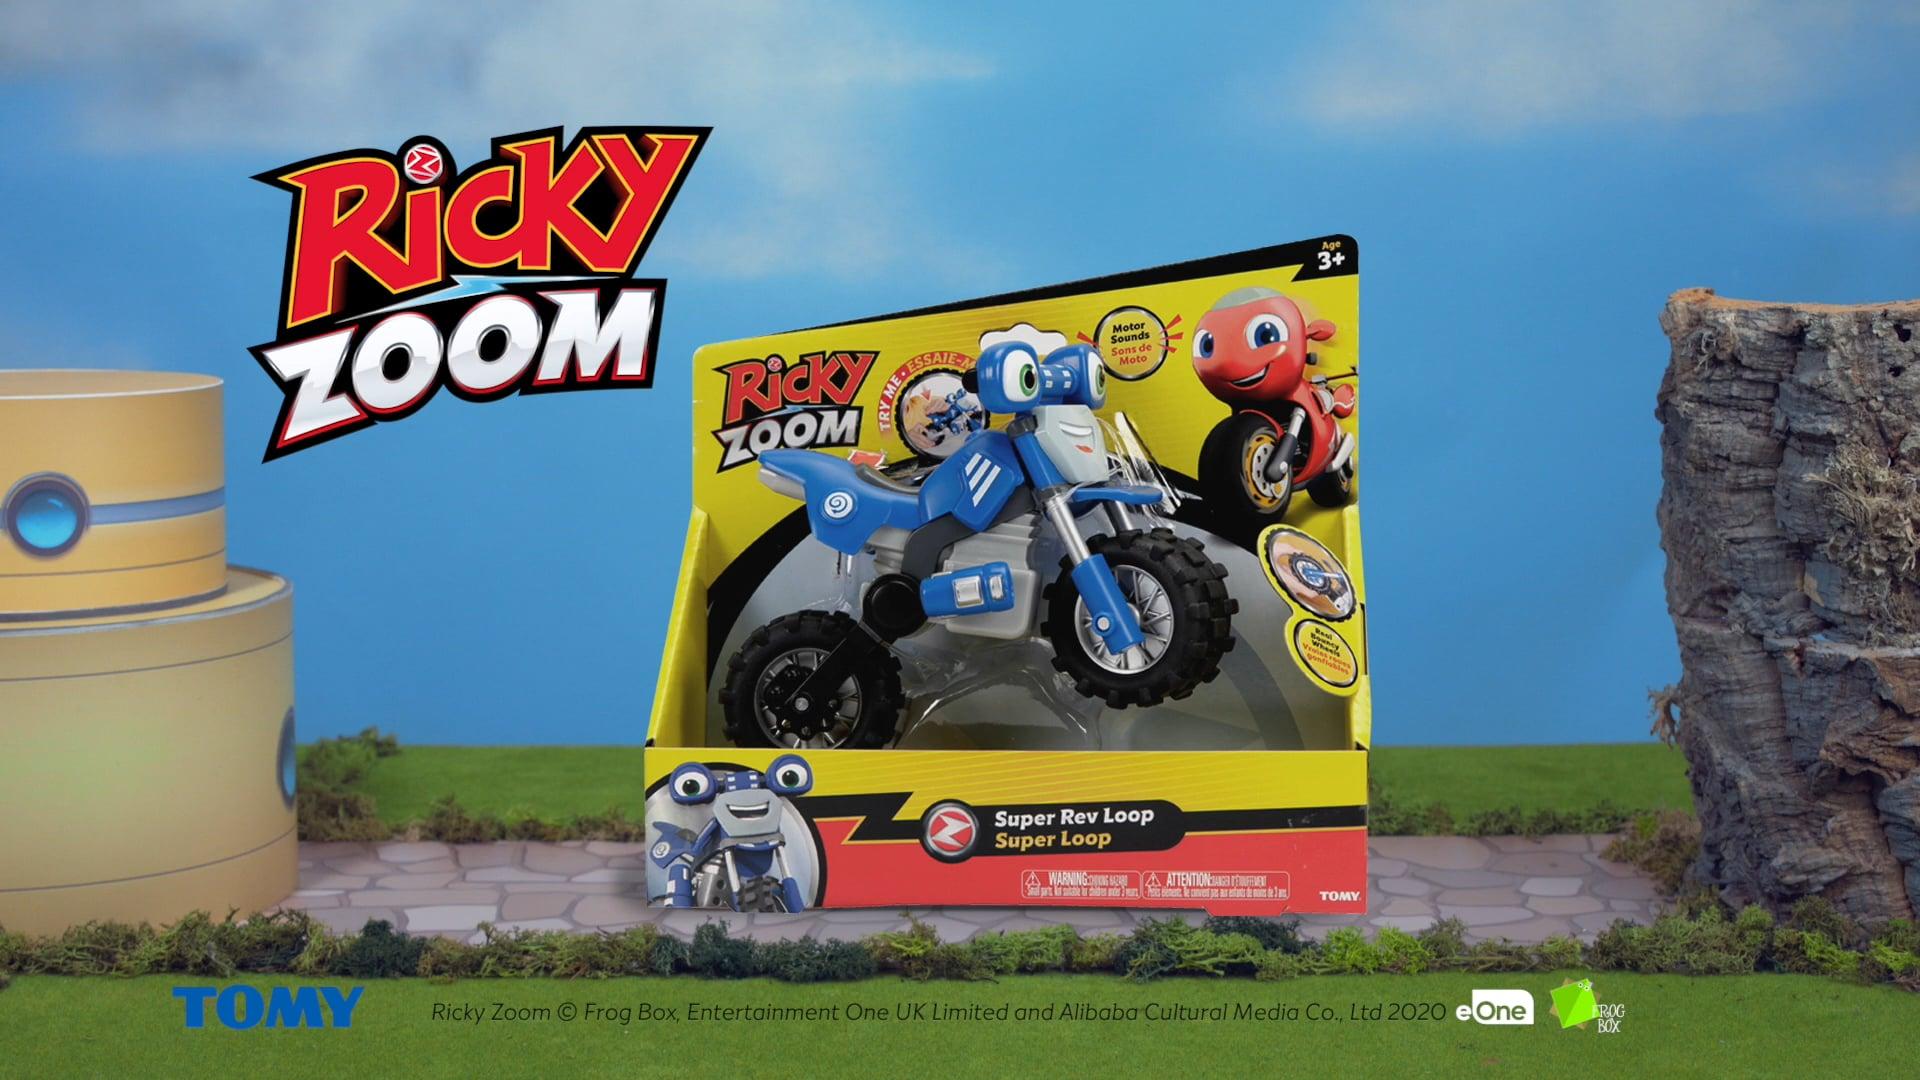 Ricky zoom - Super Loop